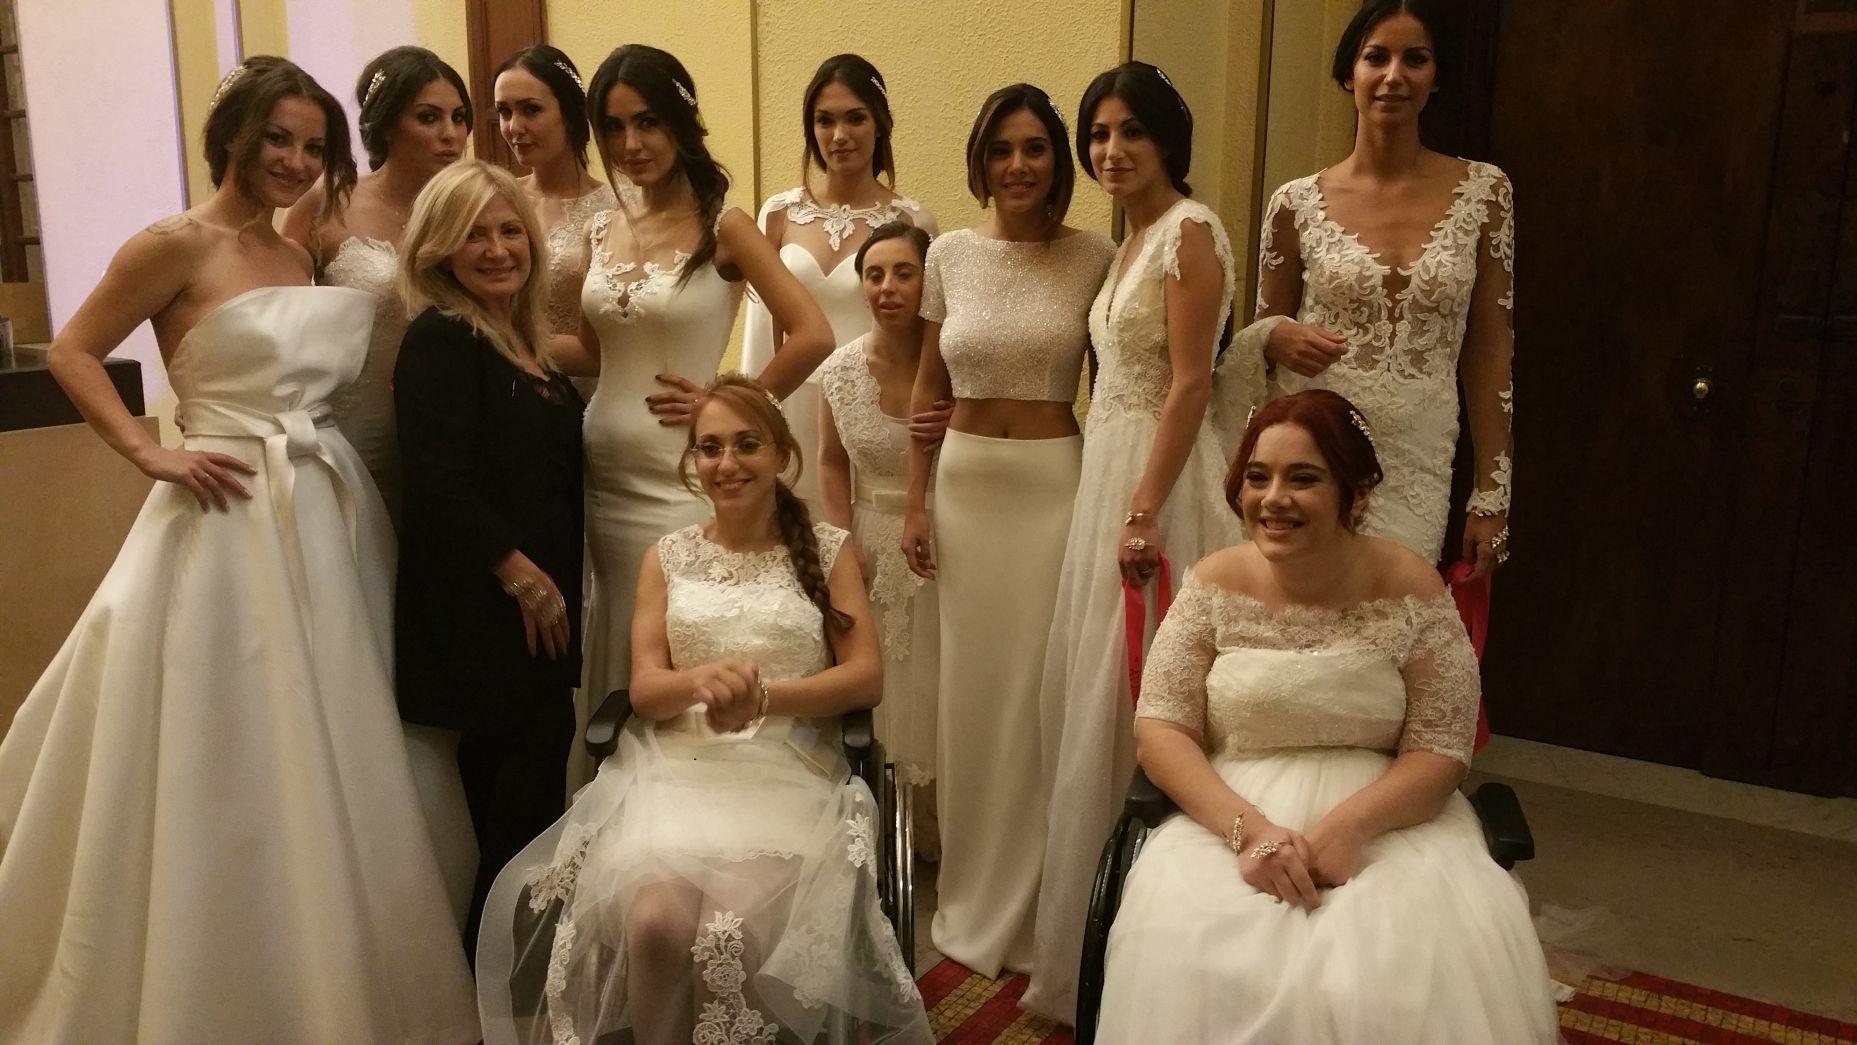 bsc-sfilata-abiti-sposa-modelle-disabili-salerno (2)